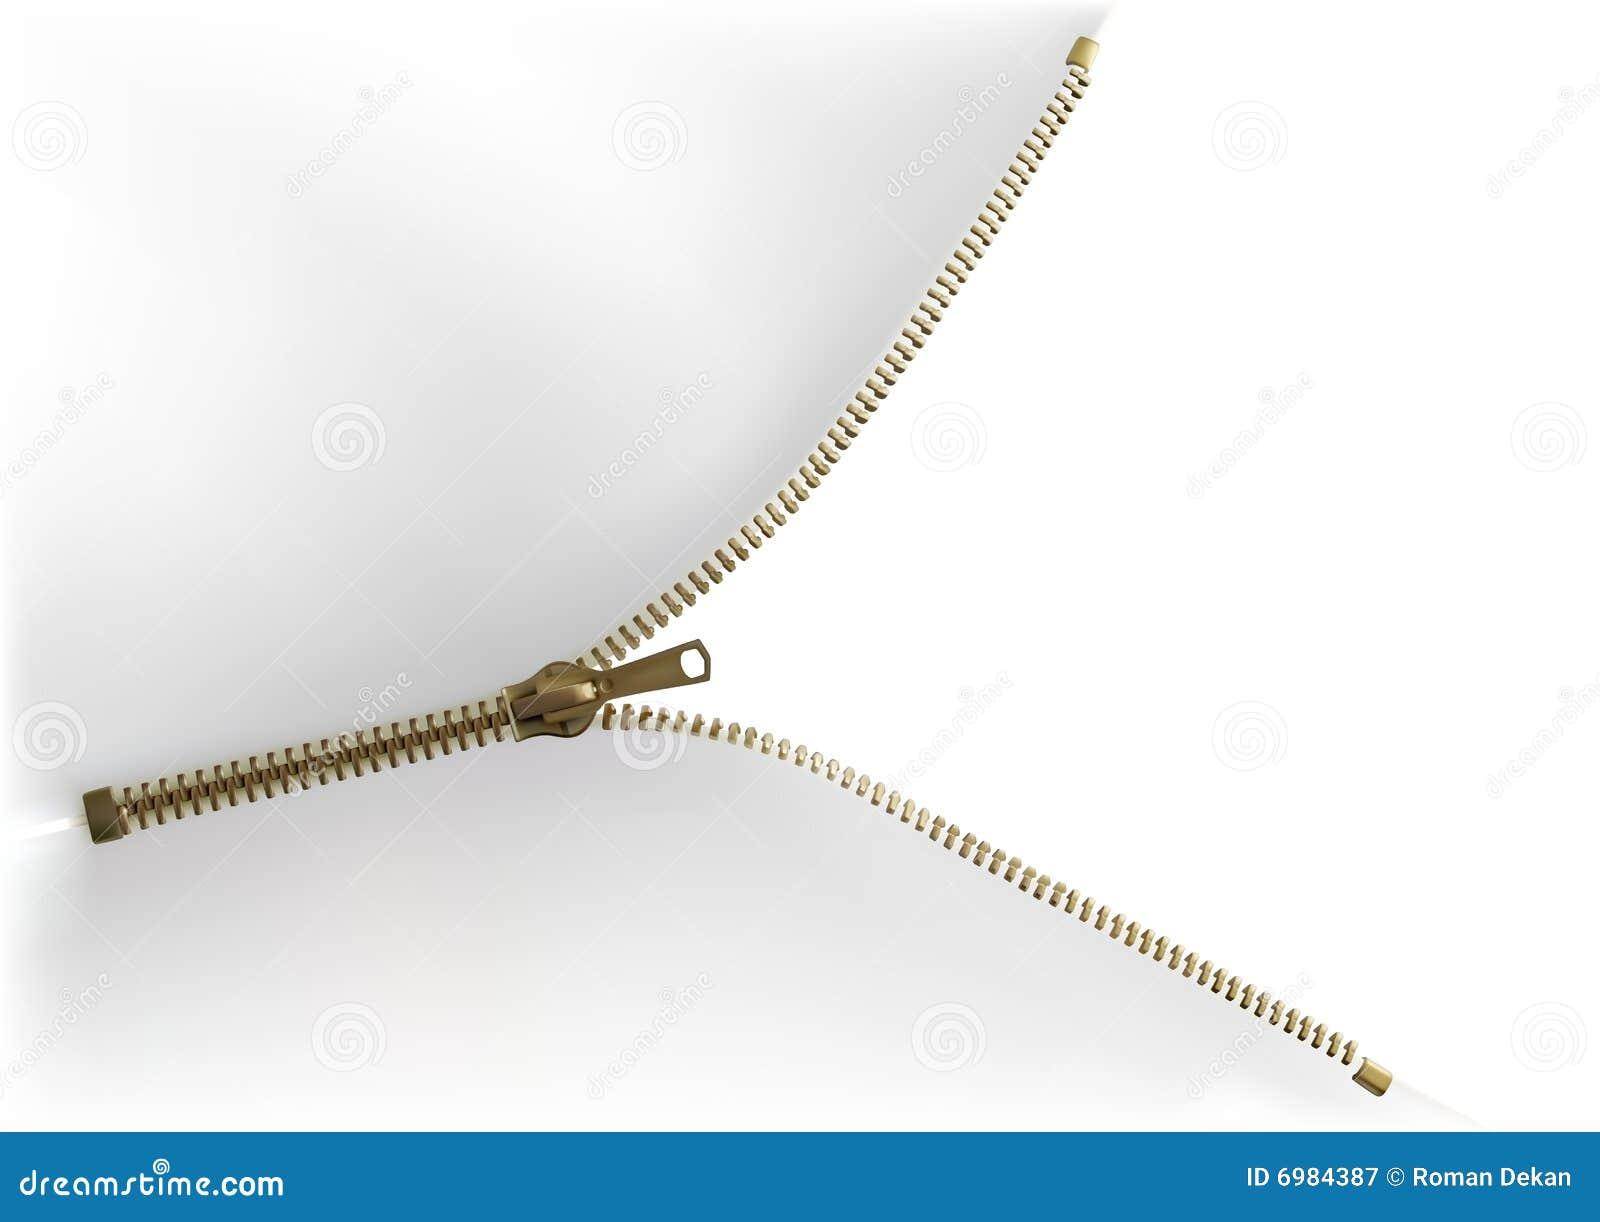 Zip Clipart Gold Zip Royalty Free Stock